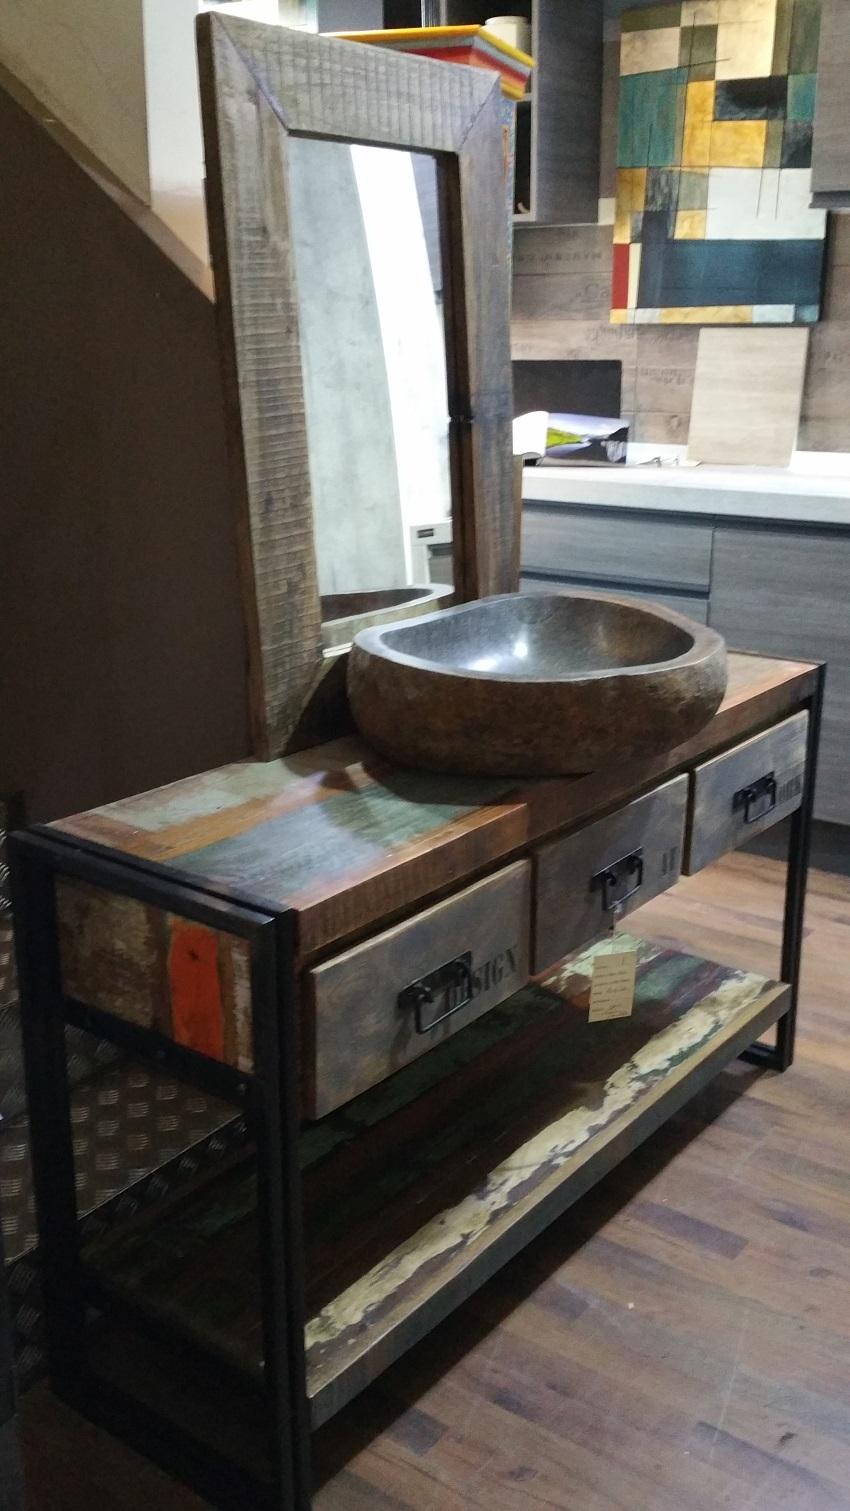 Mobile bagno etno industrial in offerta outlet convenienza - Mobile bagno ferro battuto ...